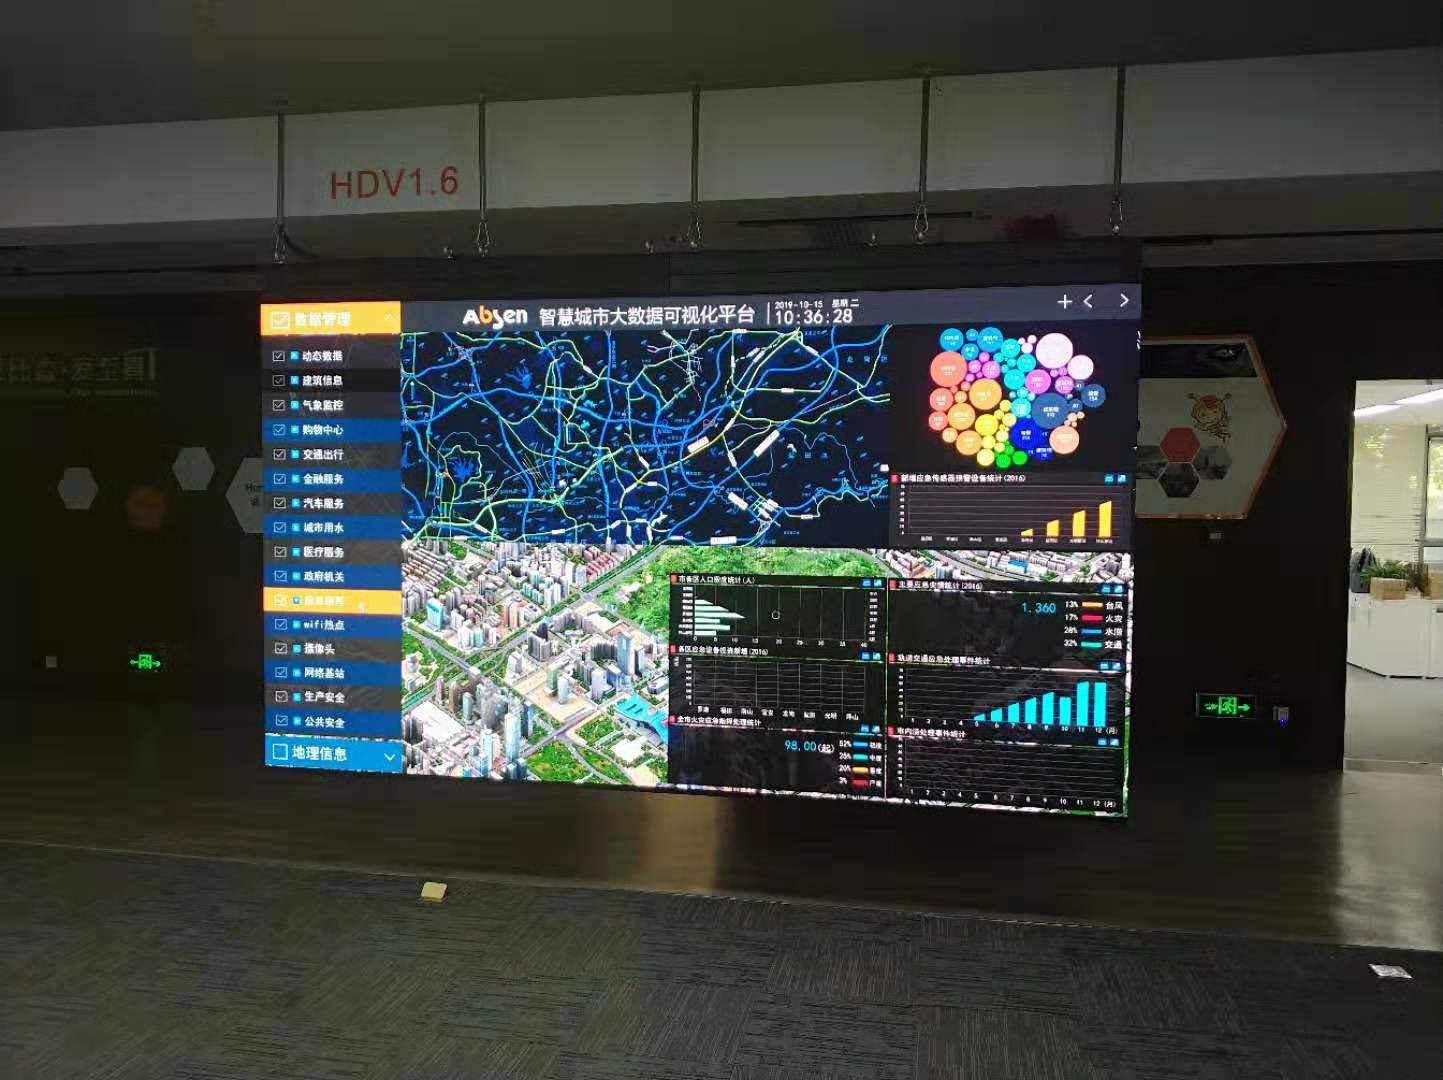 LED 行业下行,未来机会在何方?